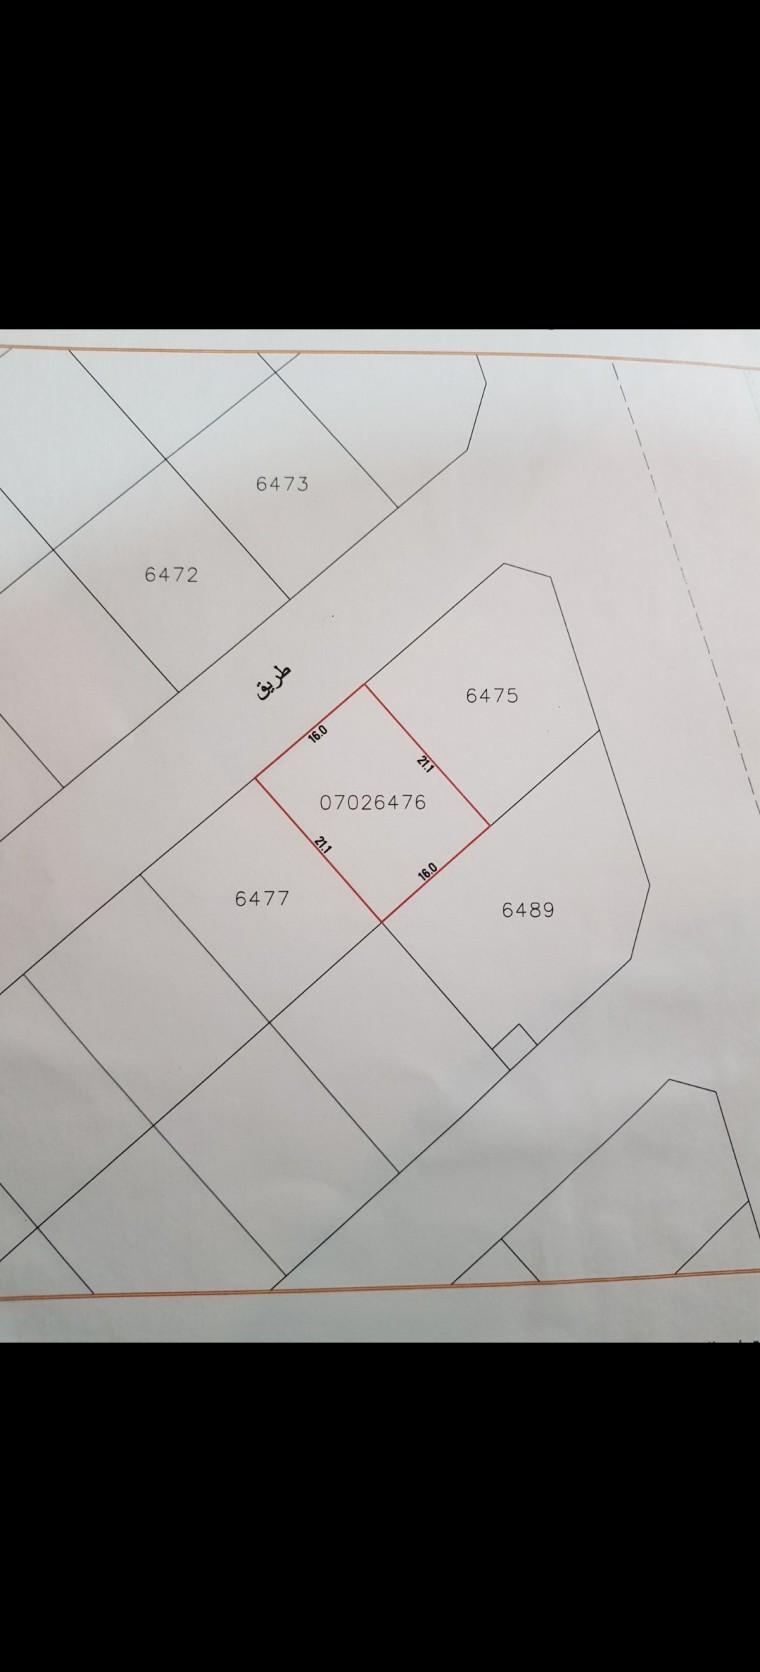 ارض للبيع في بوري